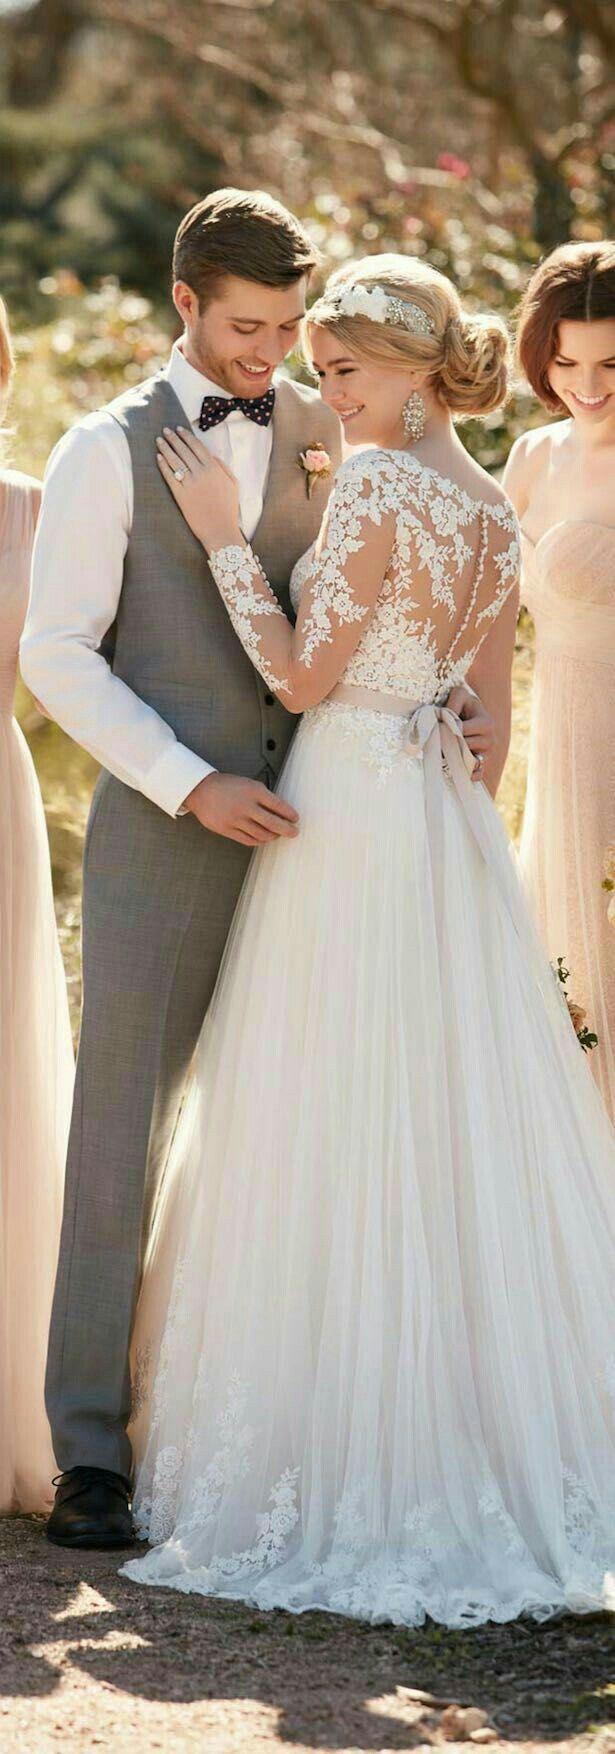 Pin by amee mejia on engagementweddingbaby pinterest wedding